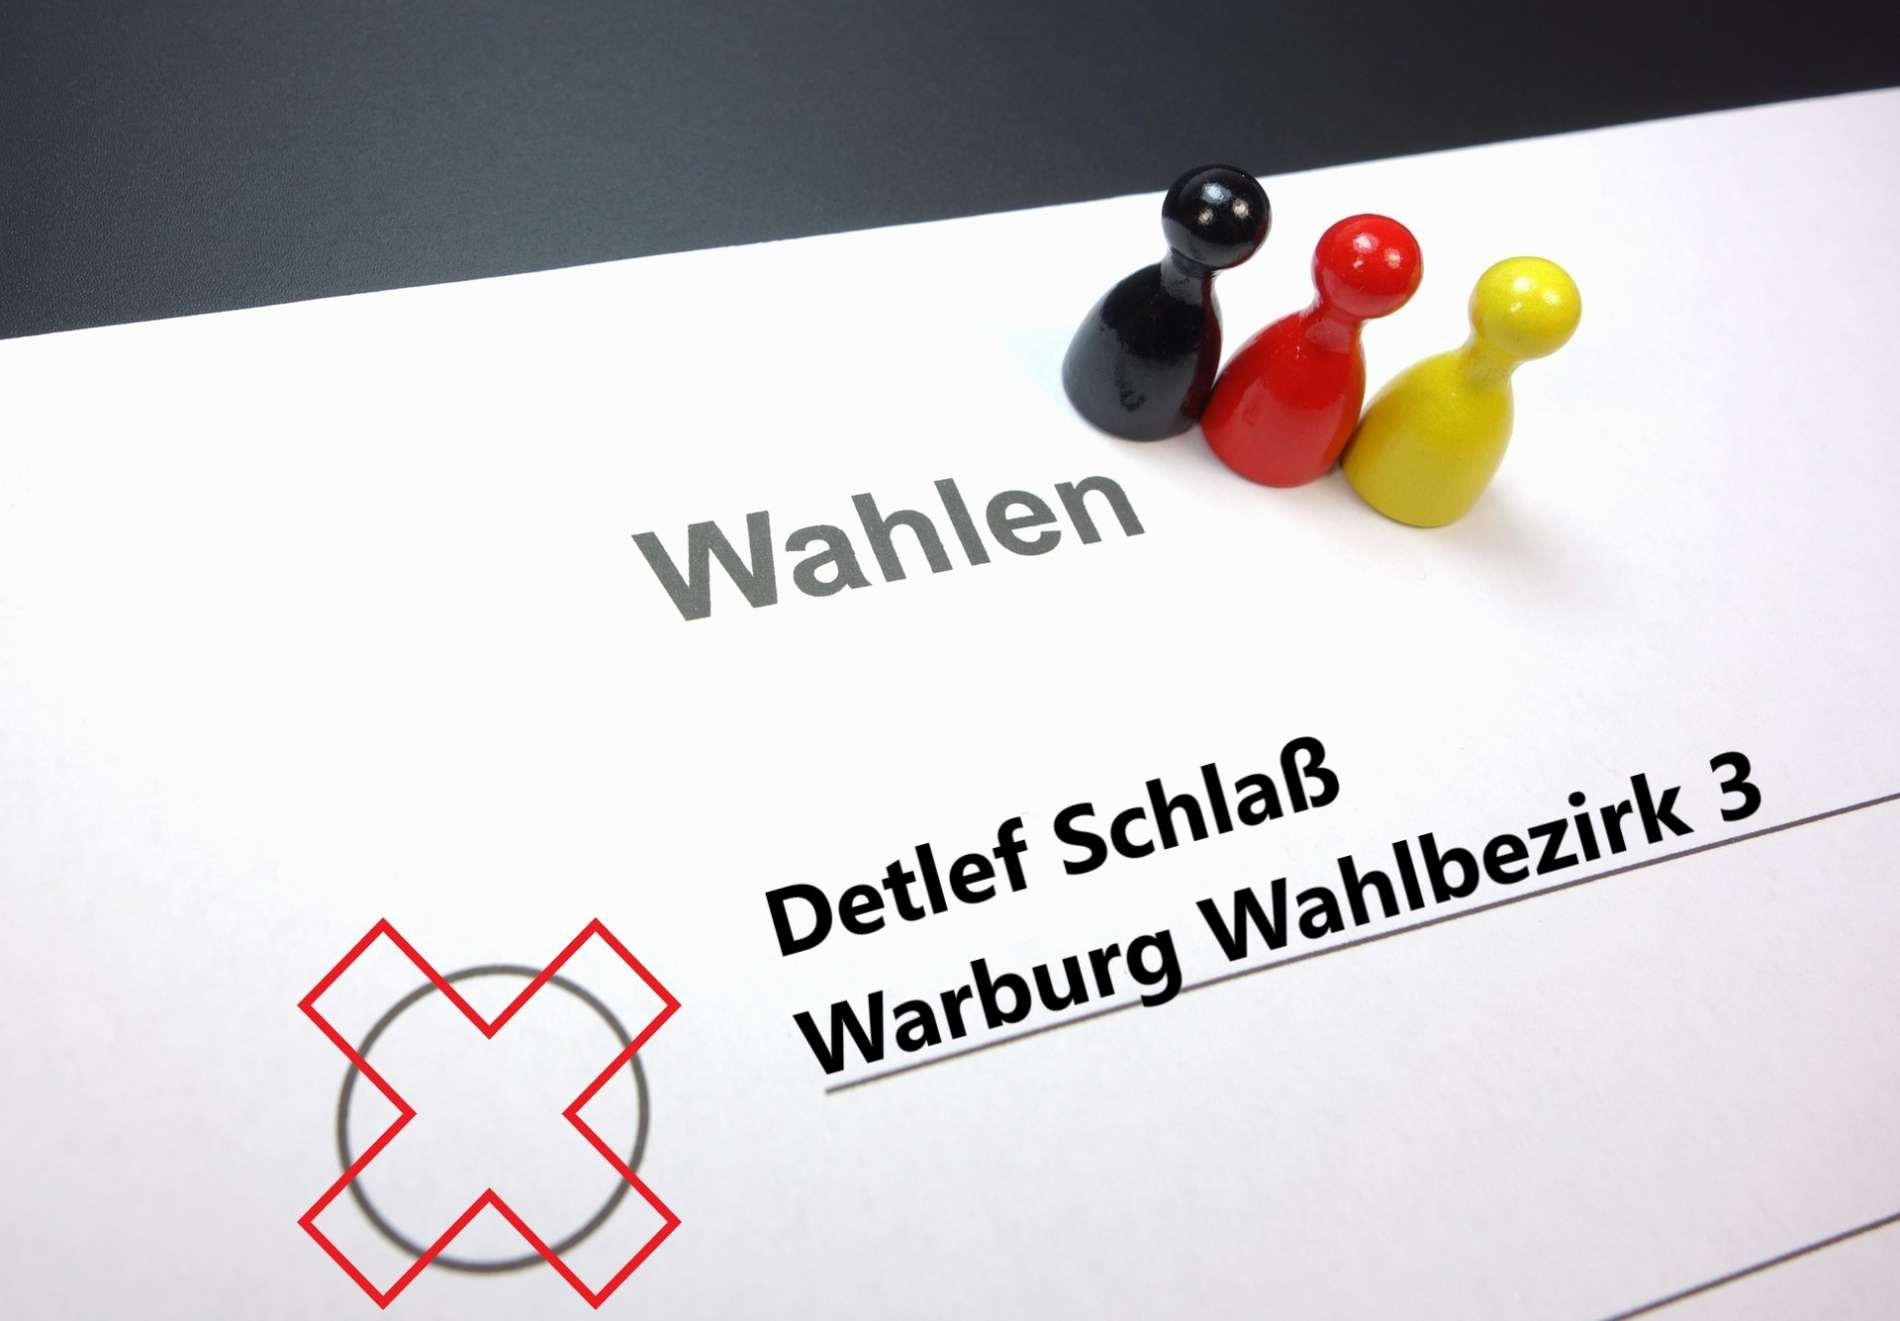 Kommunalwahlen / Gemeinderatswahlen in Warburg: Detlef Schlaß tritt im Wahlbezirk 3 an